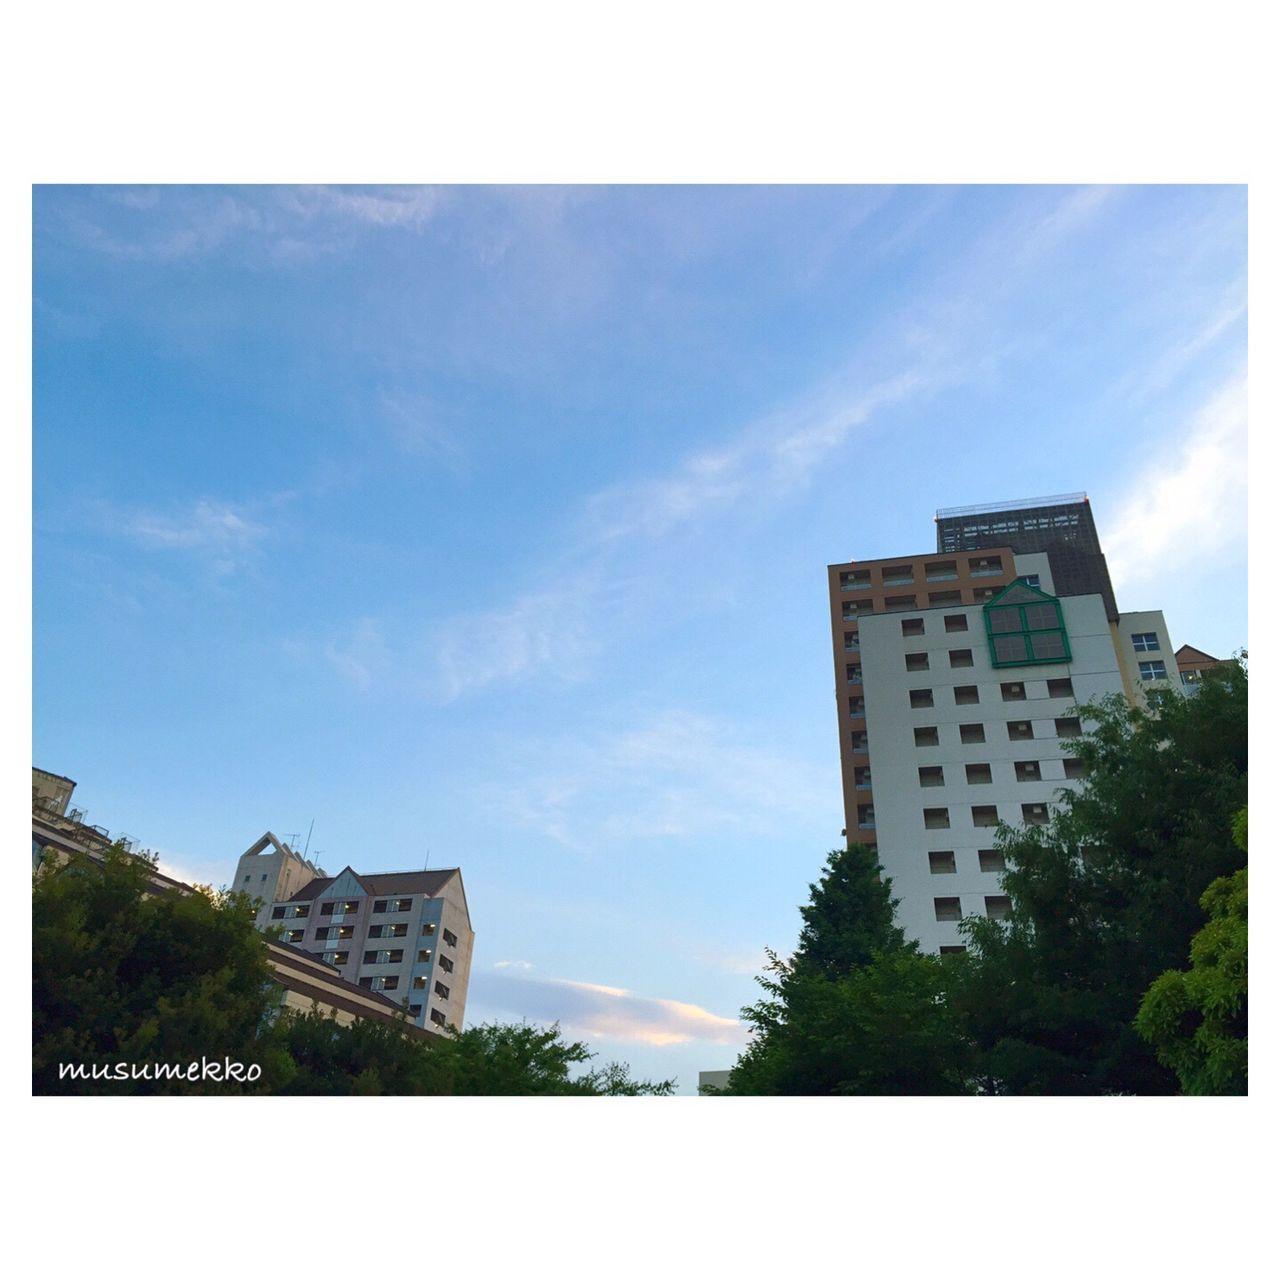 いつかの夕空。 Relaxing Japan Photography Nature_collection Landscape_collection EyeEmNatureLover EyeEm Best Shots - Nature IPhoneography Beautiful Nature Architectural Detail Sky And Clouds Sky_collection 空 雲 空と雲 夕空 建物